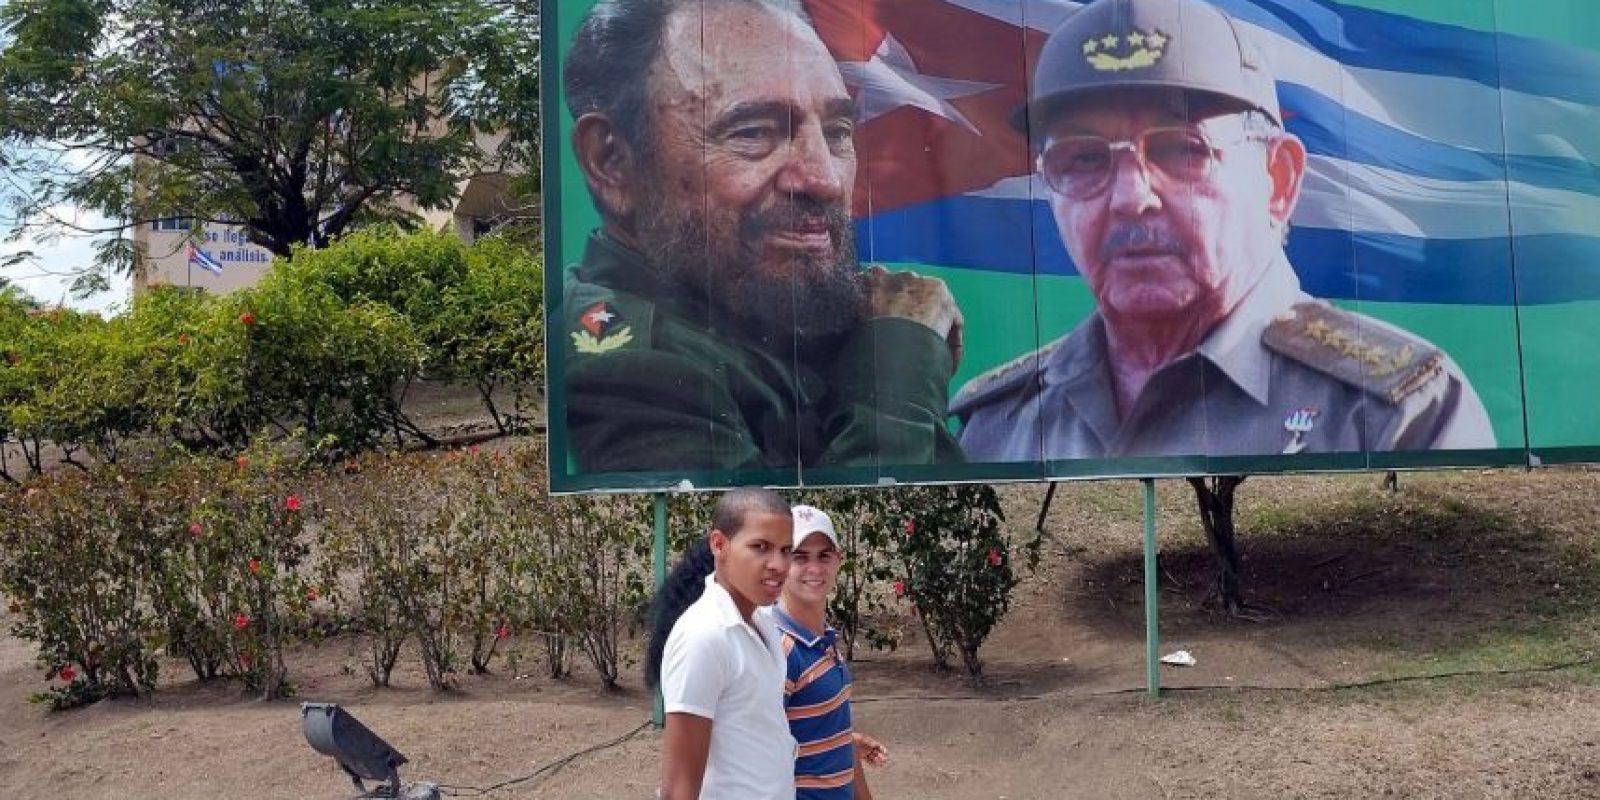 Denuncian la presencia de uno de los implicados en el asesinato de El Che Guevara en Bolivia Foto:Getty Images